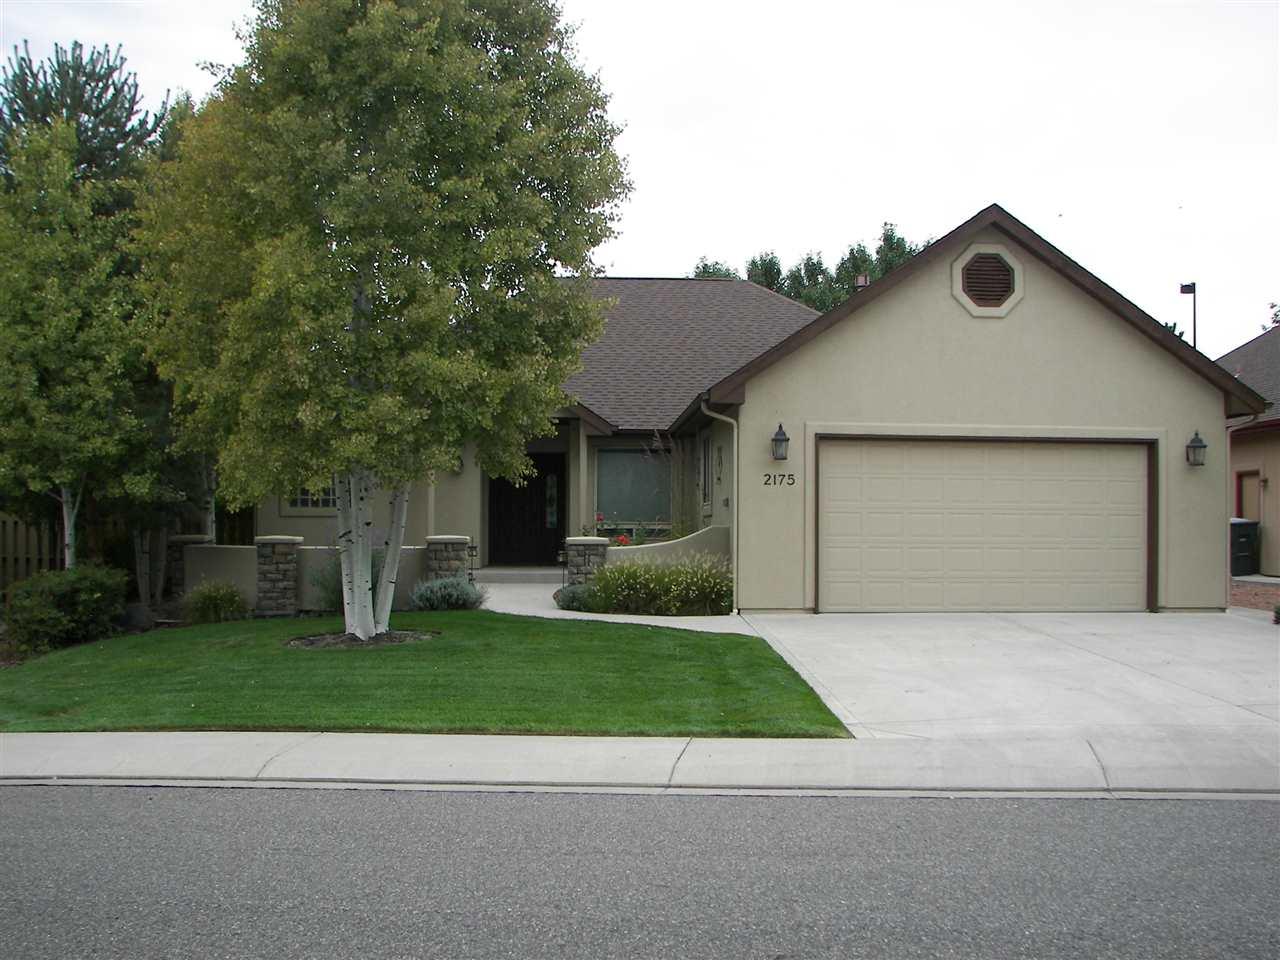 2175 Fernwood Court, Grand Junction, CO 81506